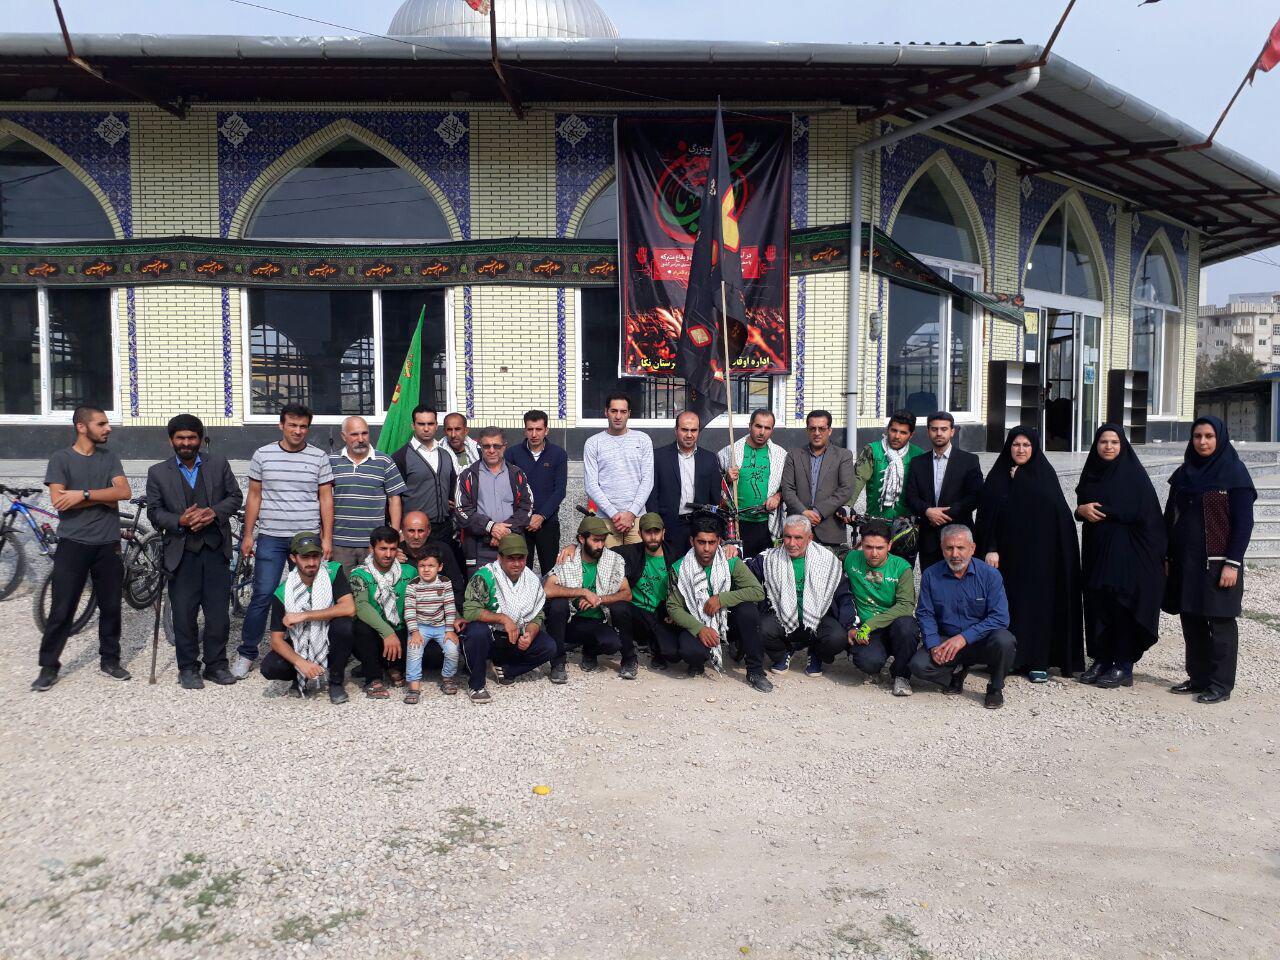 کاروان رکاب زنان کربلایی با استقبال رسمی وارد مازندران شدند + عکس